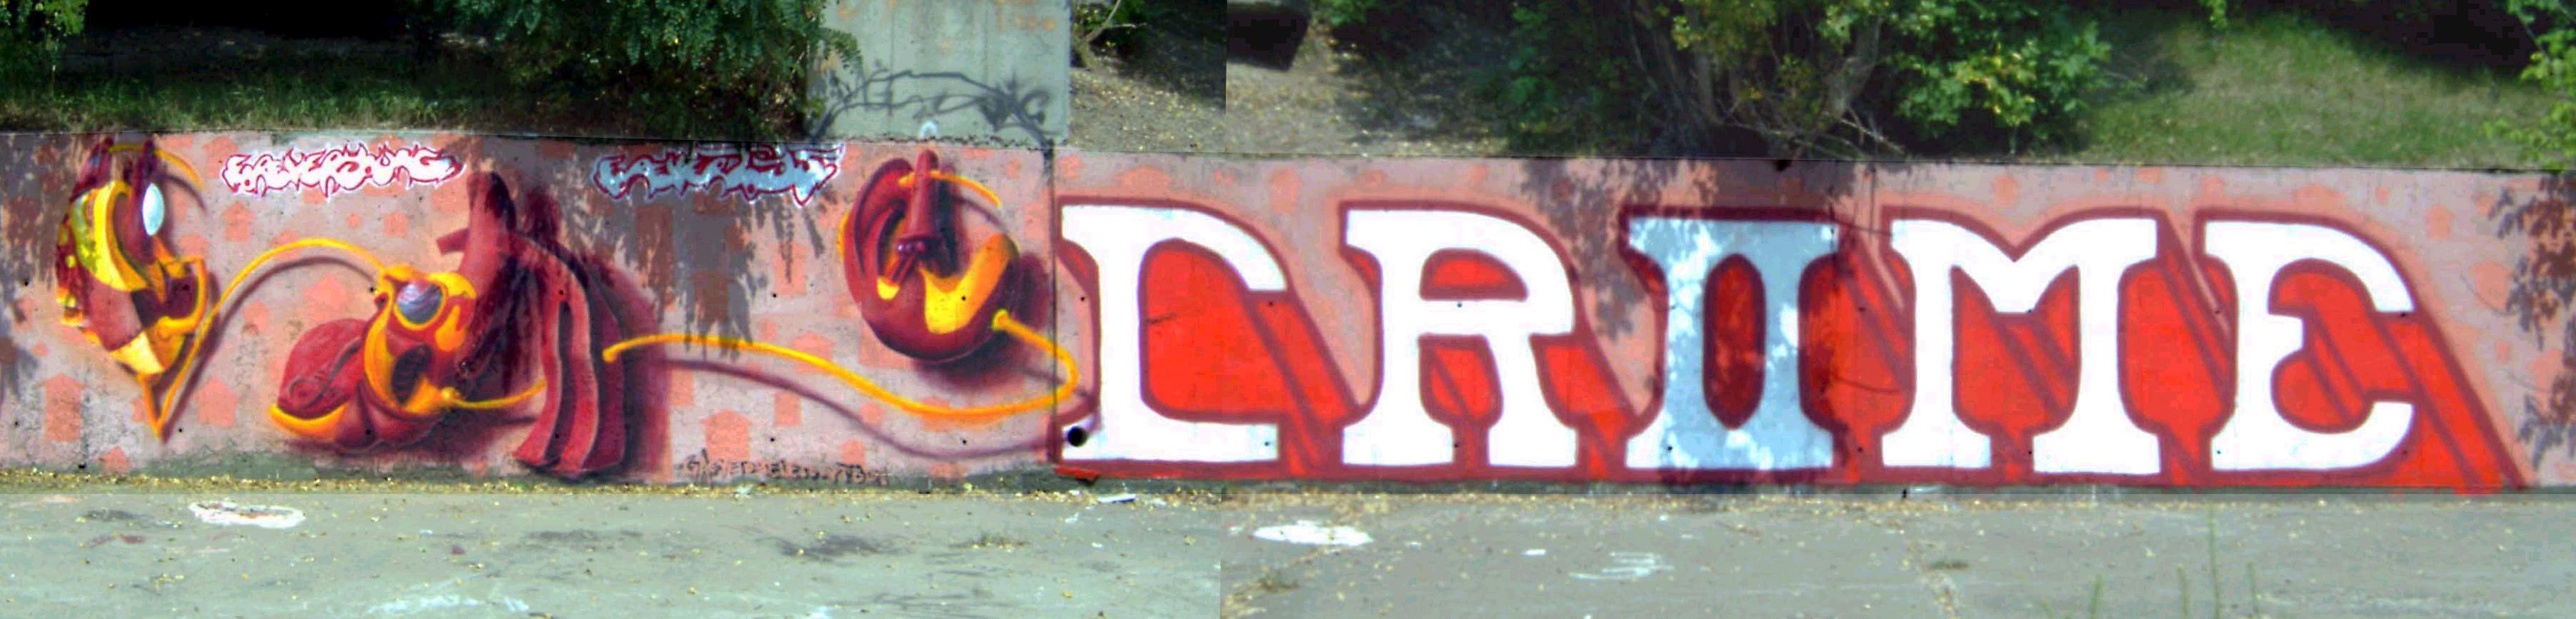 gacrome2005